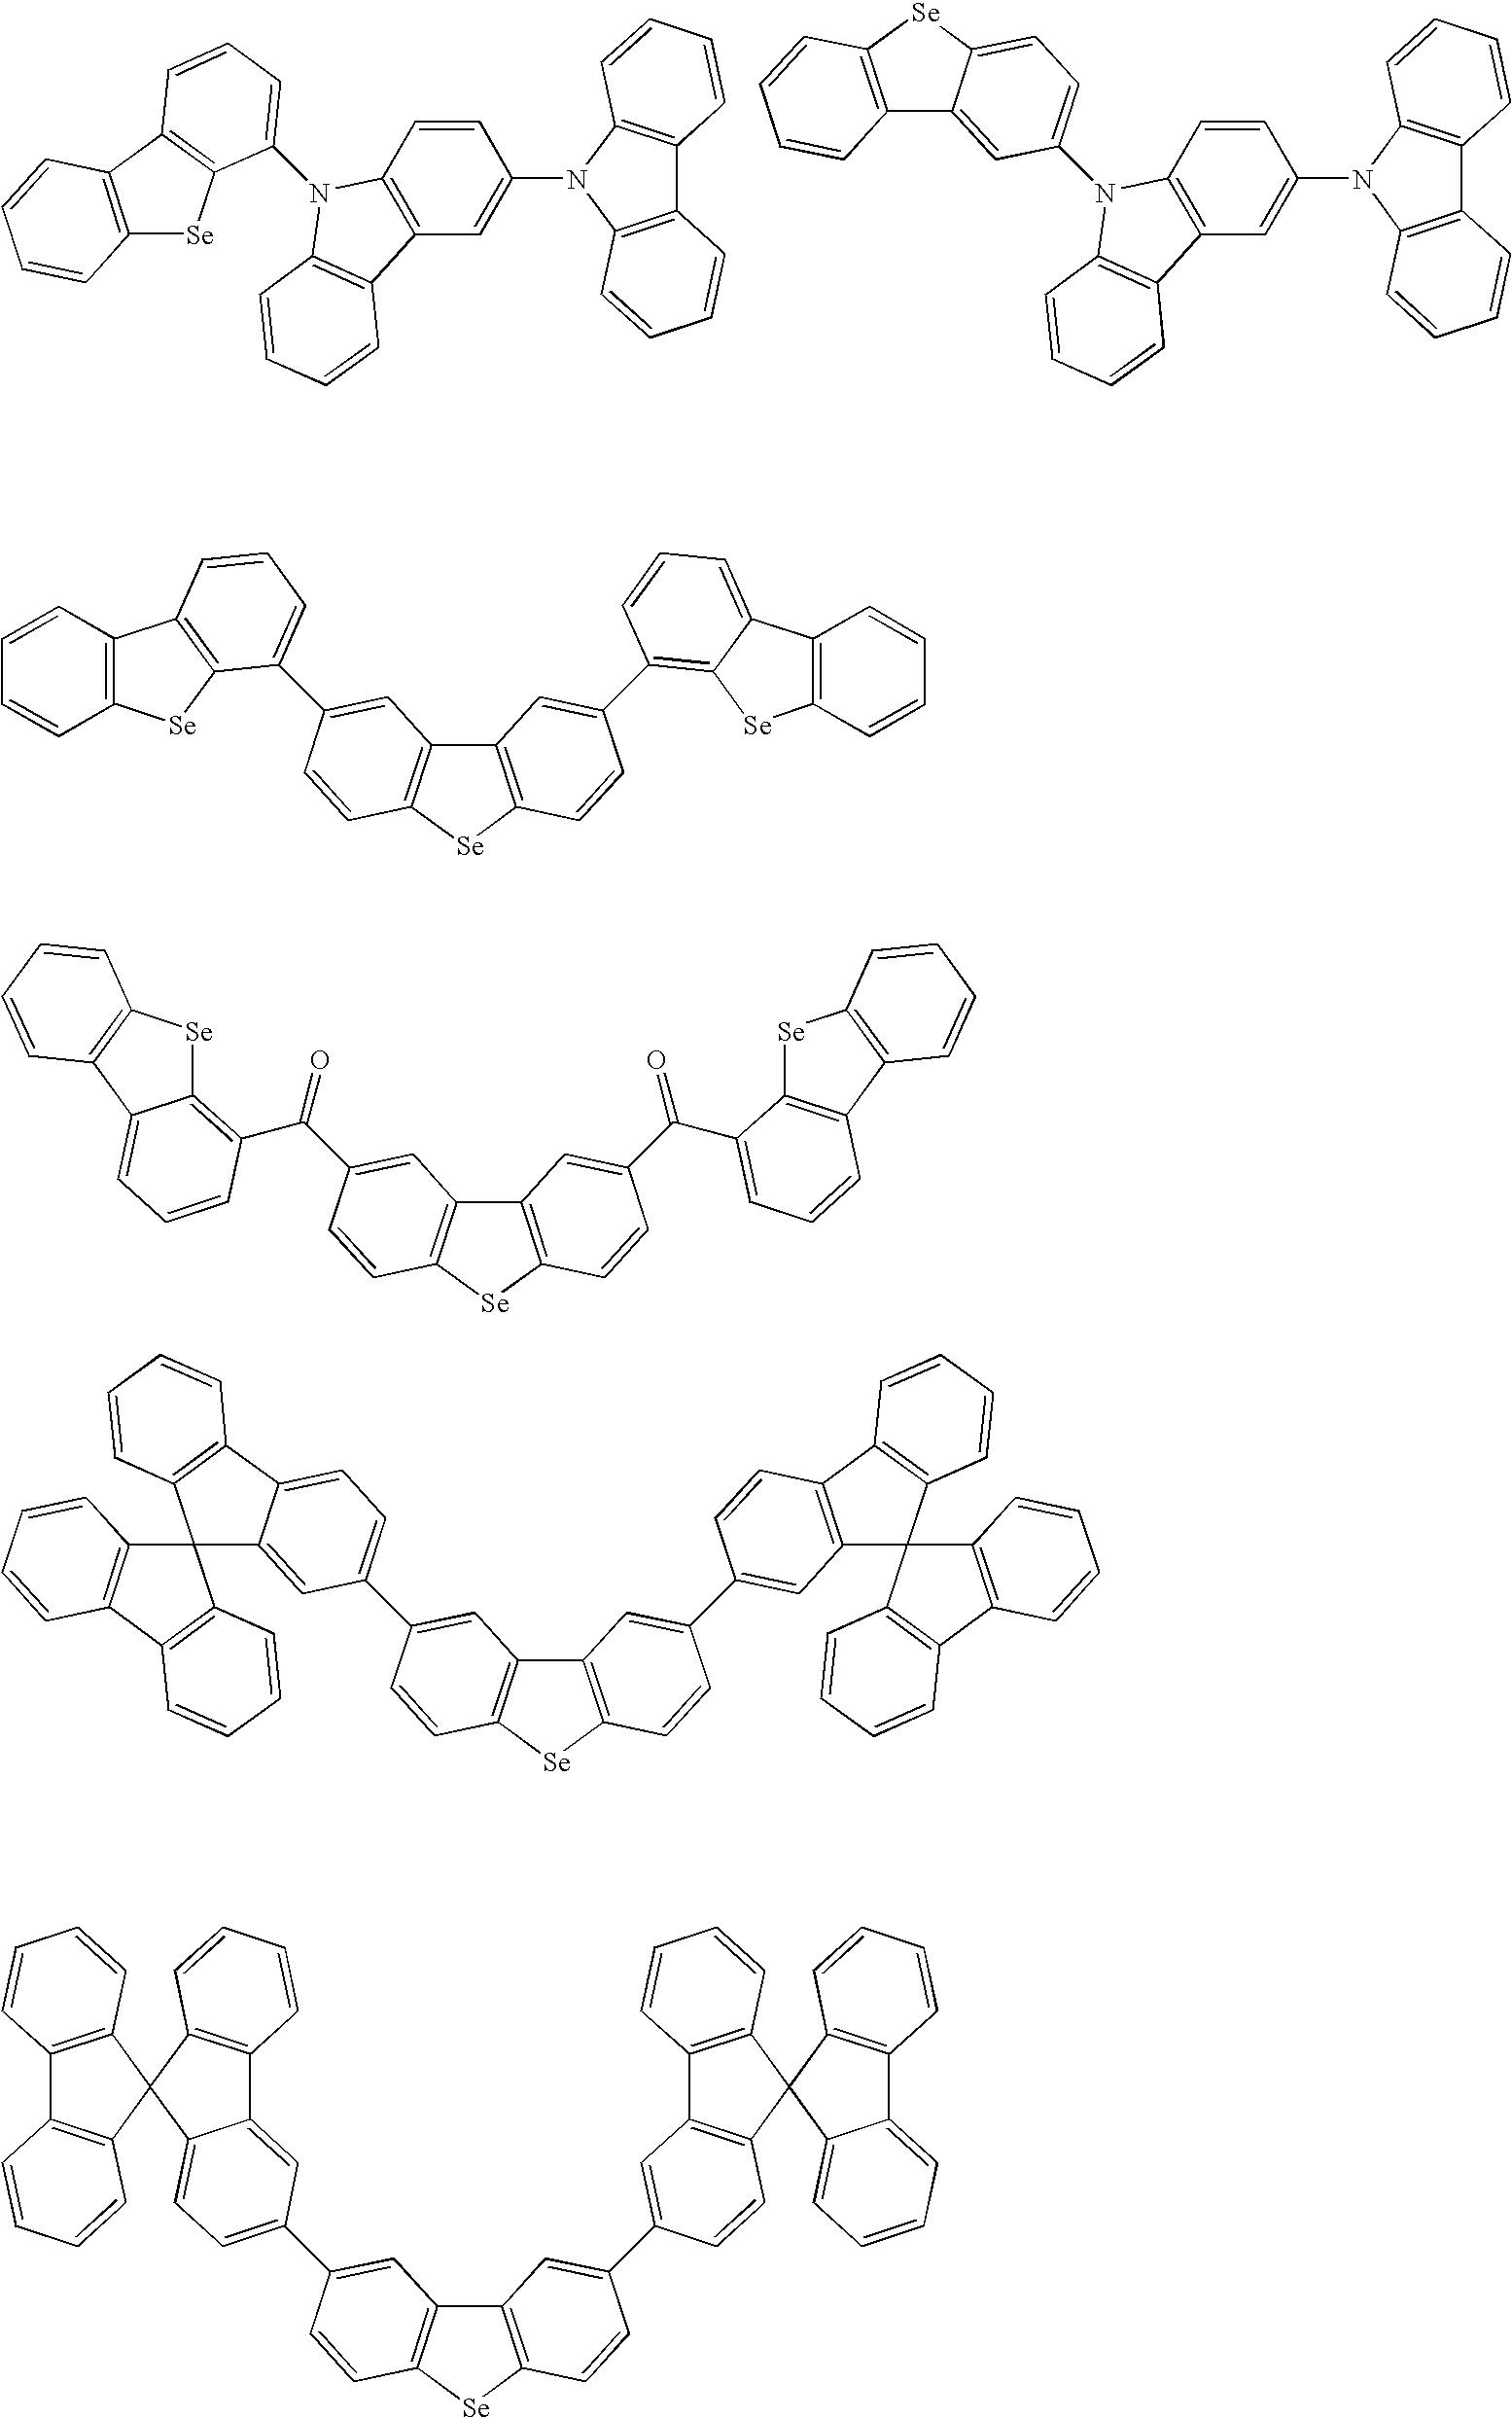 Figure US20100072887A1-20100325-C00011